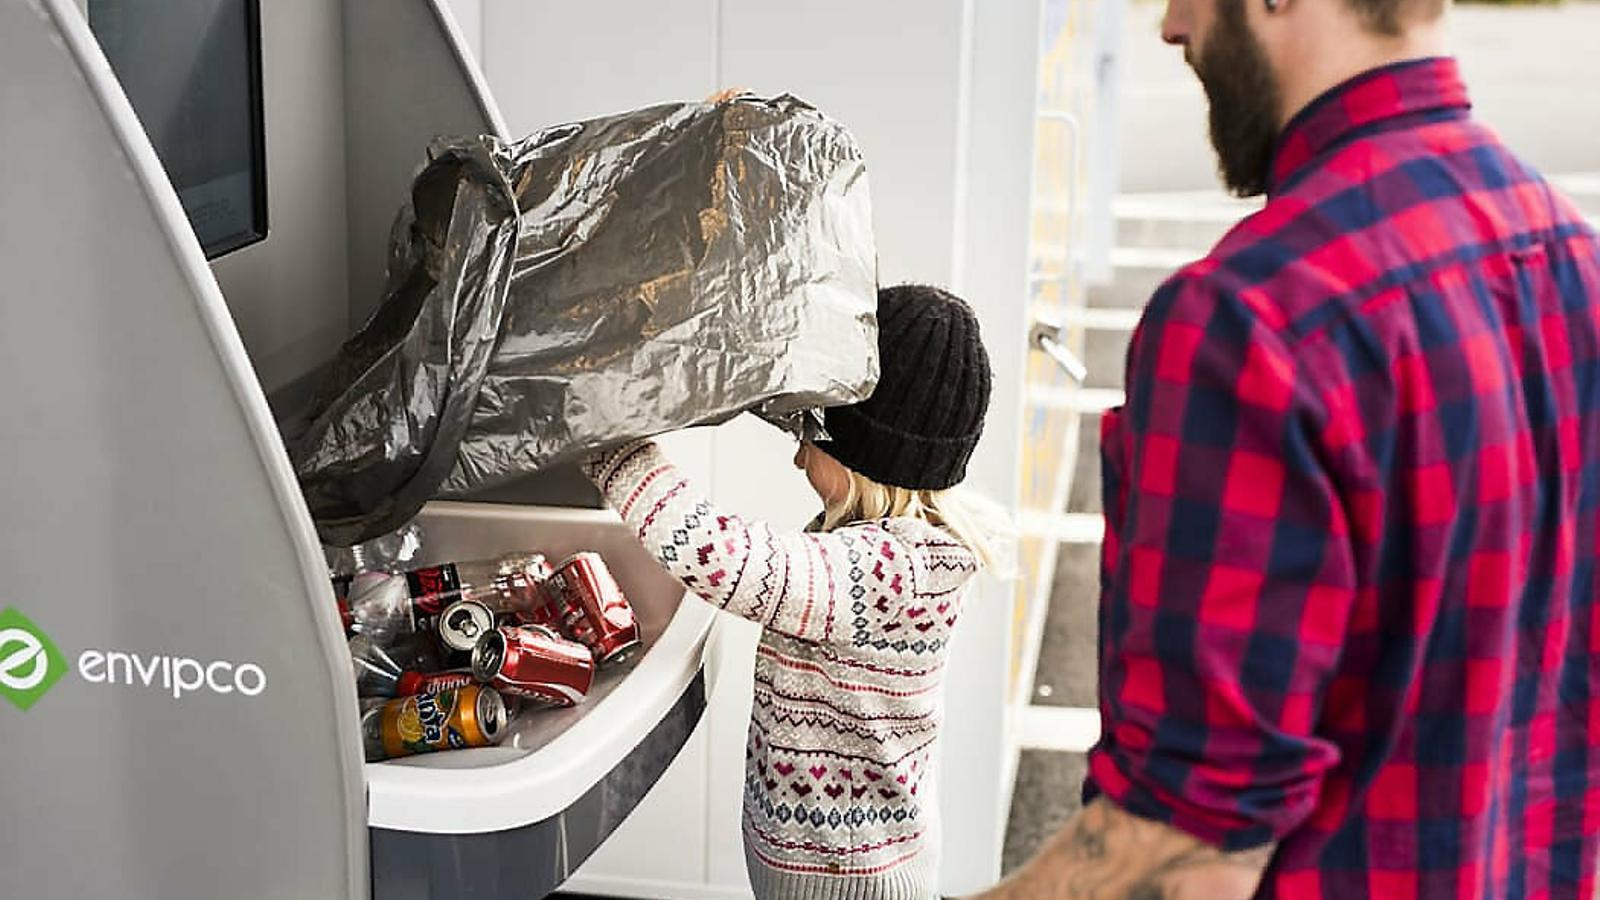 Els suecs fa més de 30 anys que retornen envasos als comerços